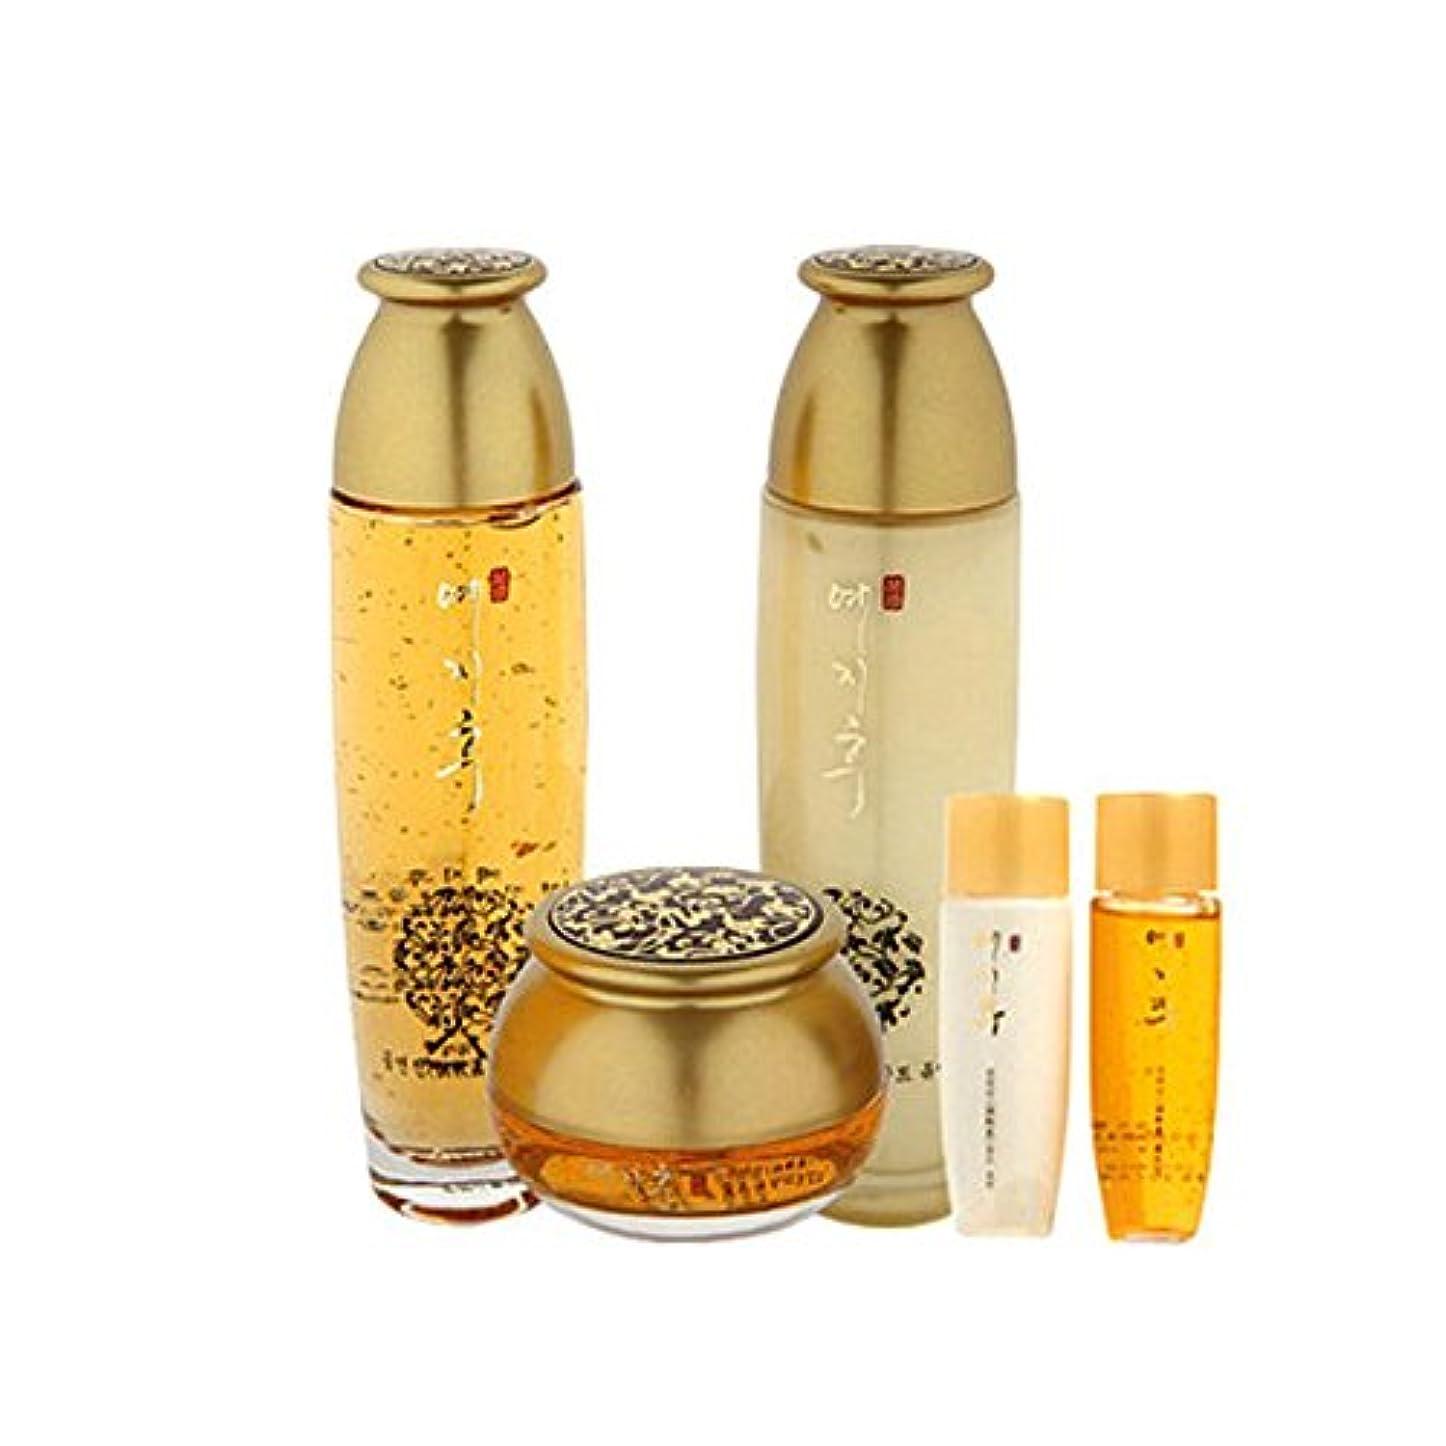 悪化させる純粋なユーモラス[韓国コスメYEZIHU]99.9% Pure Gold Skin Care Set 99.9%ピュアゴールド漢方スキンケア3セット樹液/乳液/クリーム [並行輸入品]